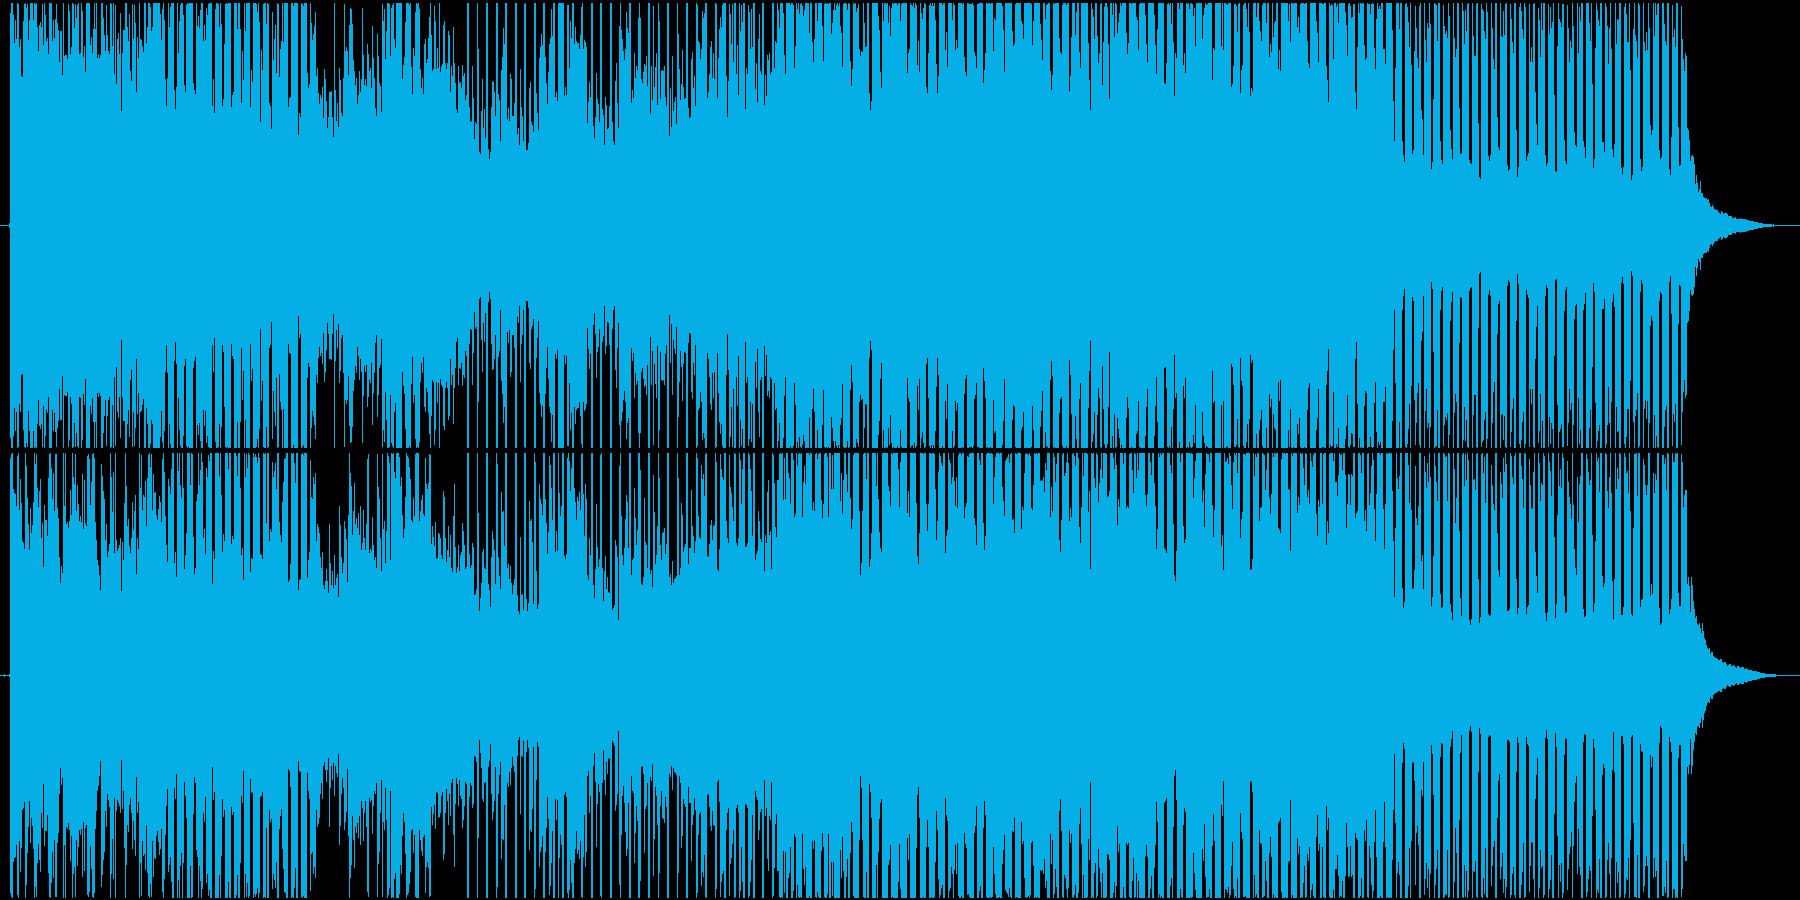 ほのぼのホッコリするポップスの再生済みの波形